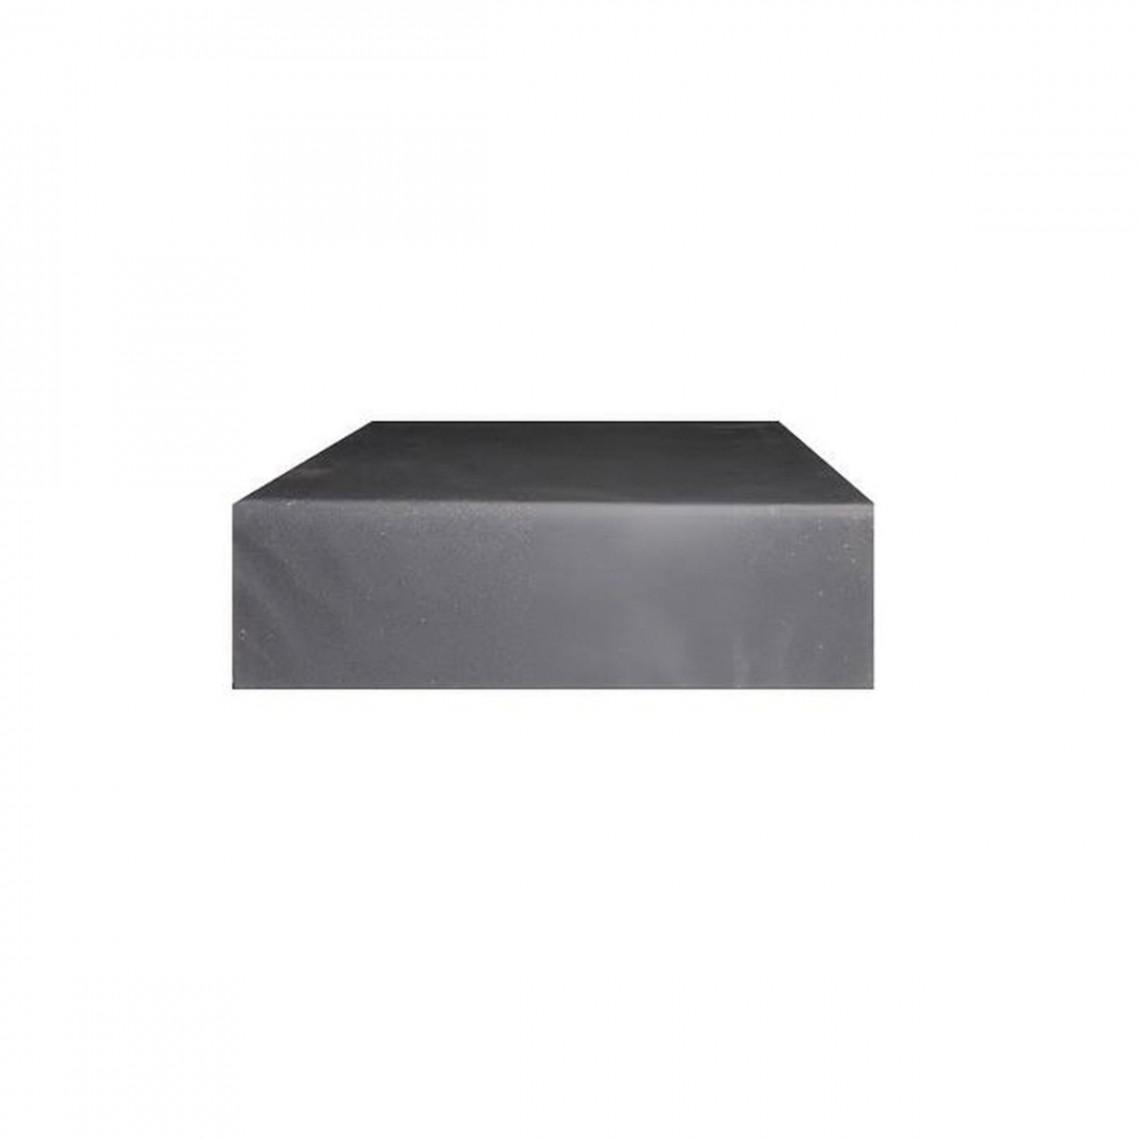 Estrade moquette grise PM (1 x 1 m)